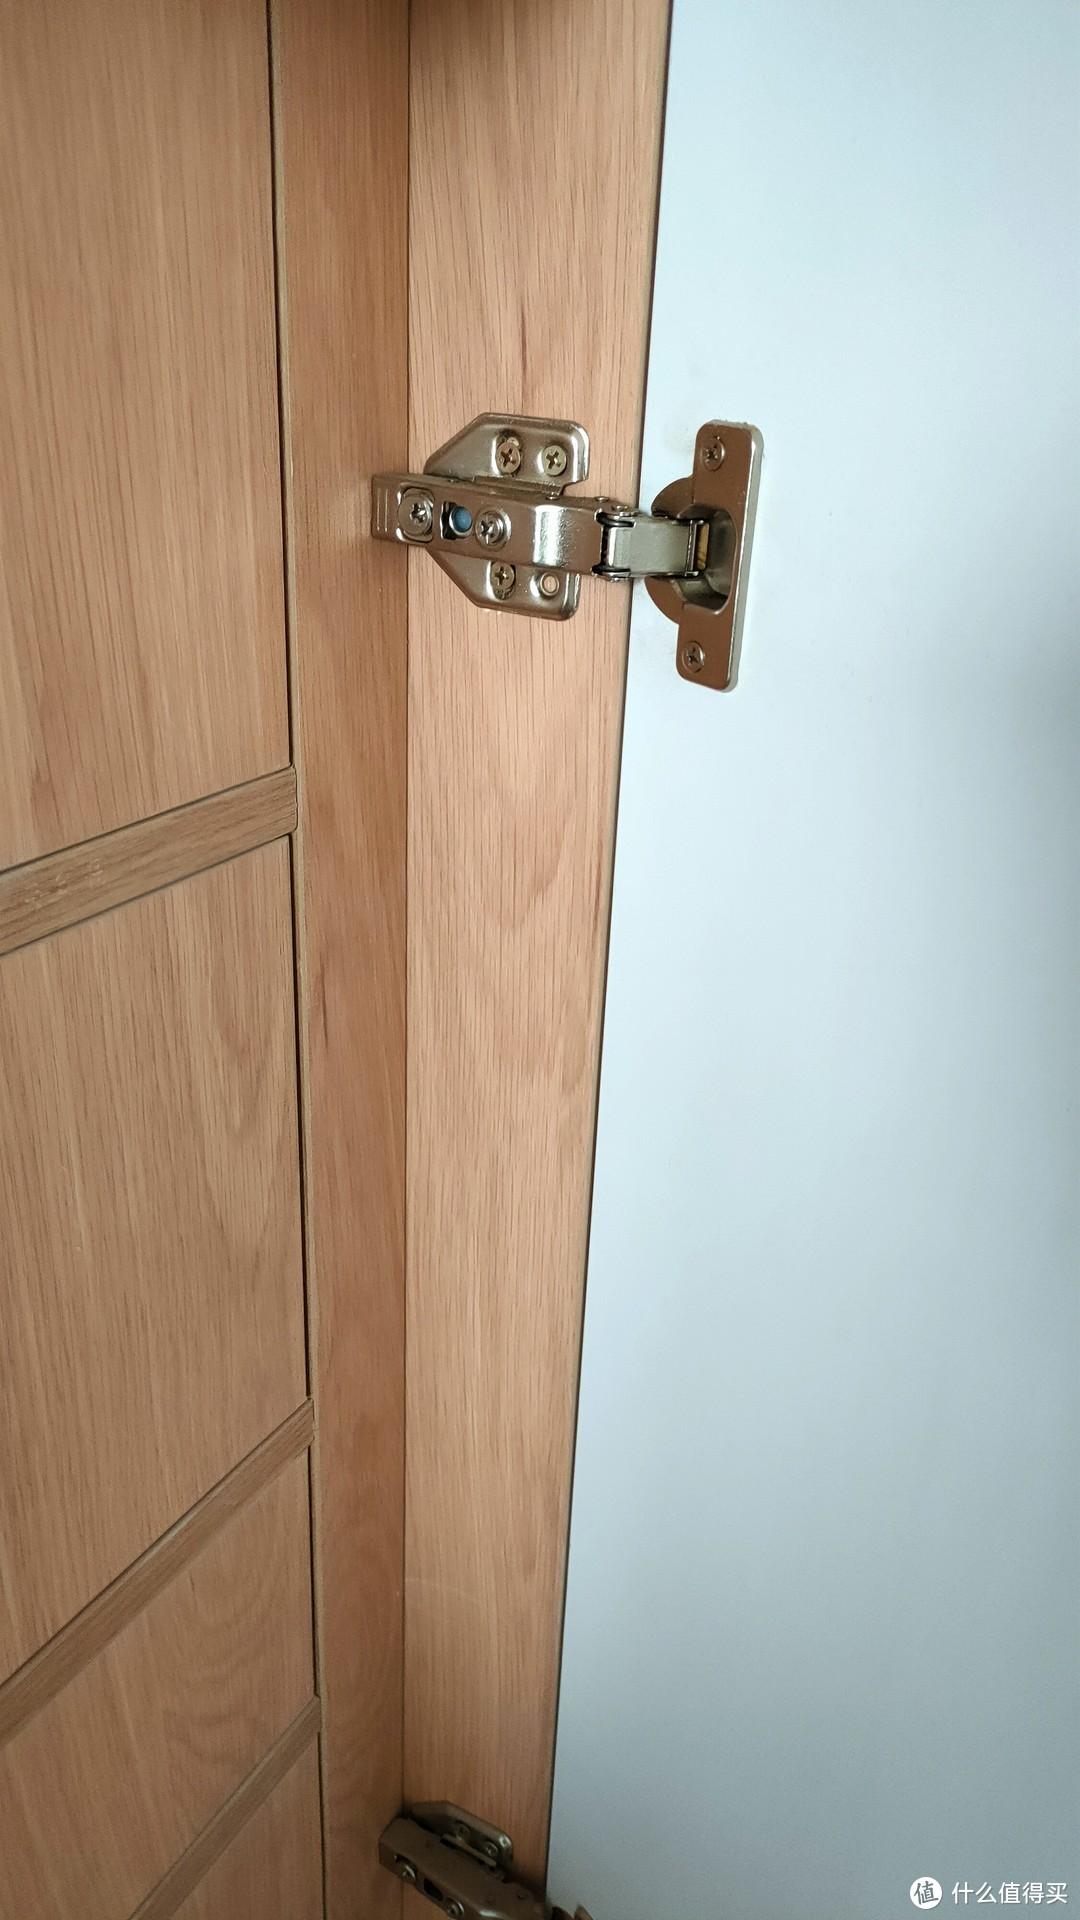 衣柜柜子留给铰链空间太小了,导致现铰链不能调整了